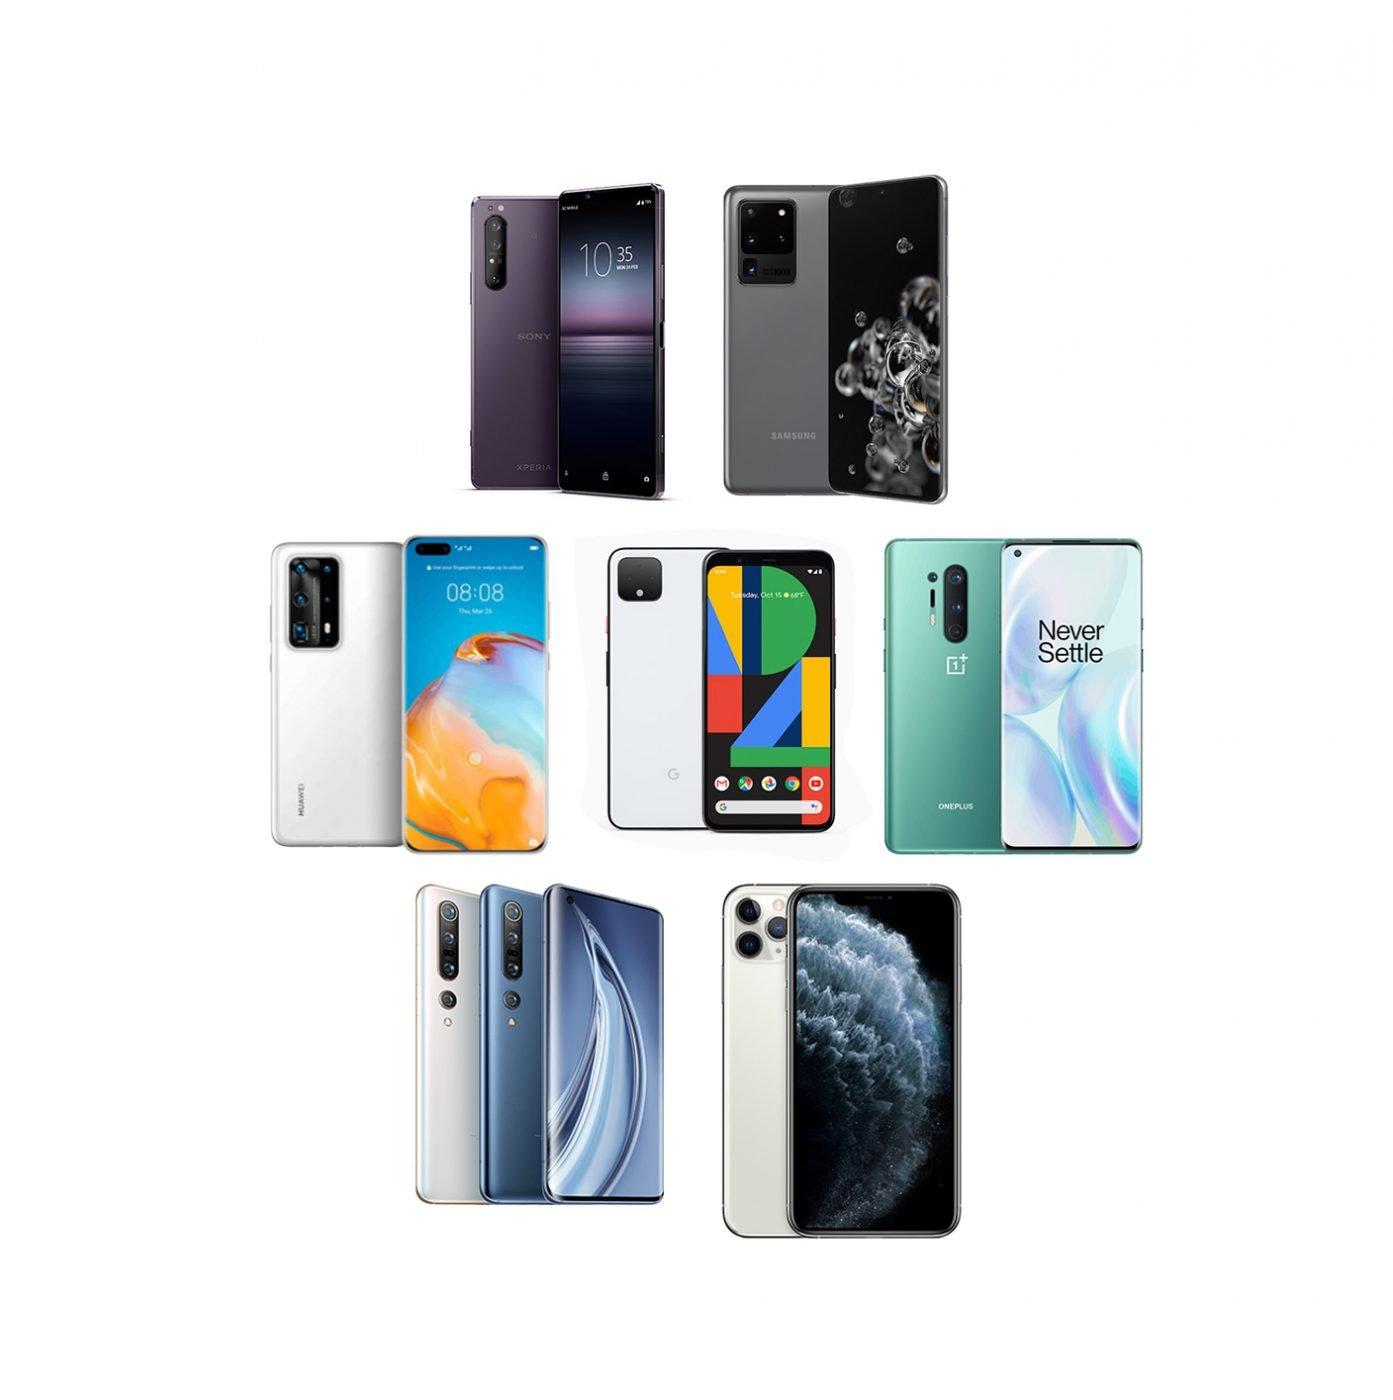 拍照誰最強?2020 旗艦手機九台一起實拍測試分享 (1) Xperia 1 II / OnePlus 8 Pro / Galaxy S20 Ultra / MI 10 Pro / Pixel 4 XL / P40 Pro+ / iPhone 11 Pro (Camera Comparison) @3C 達人廖阿輝